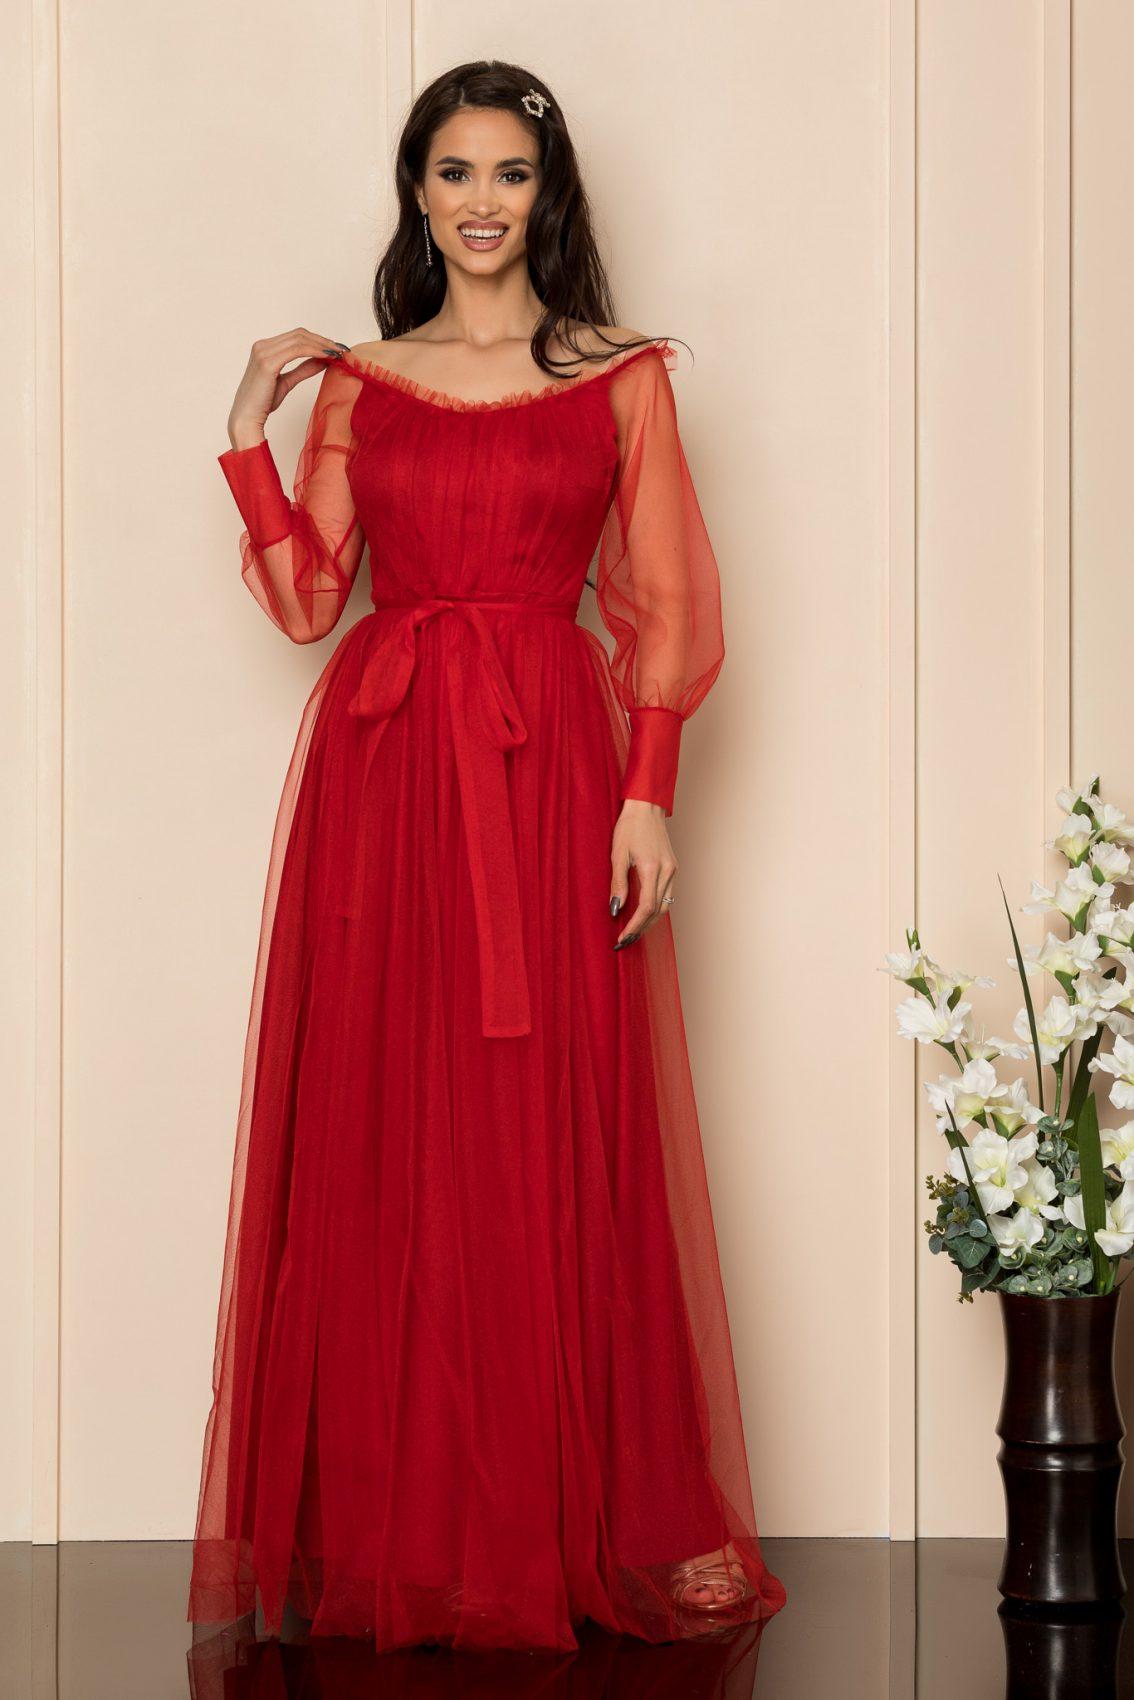 Κόκκινο Μάξι Αμπιγιέ Φόρεμα Temptation A301 1